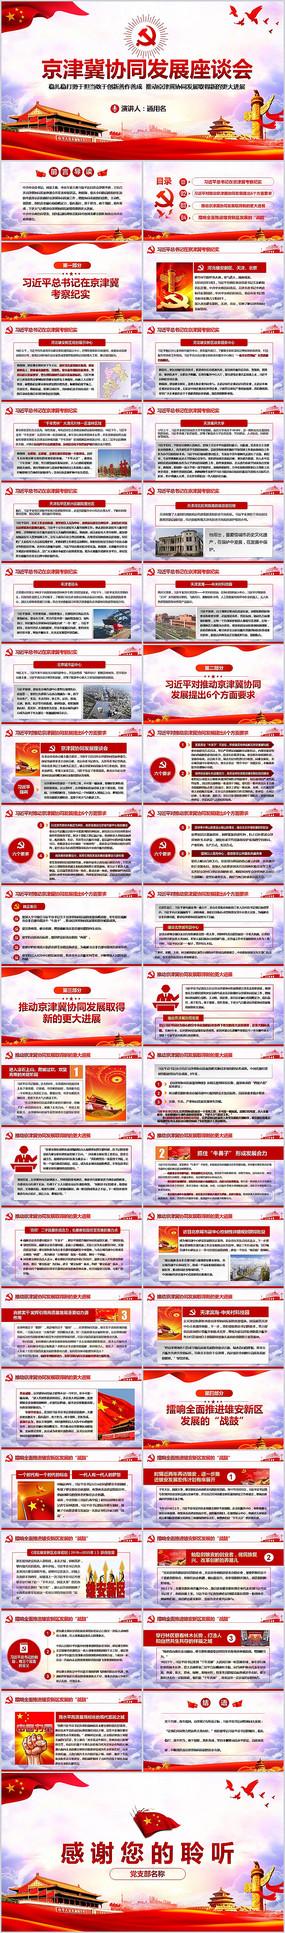 京津冀协同发展座谈会PPT模板